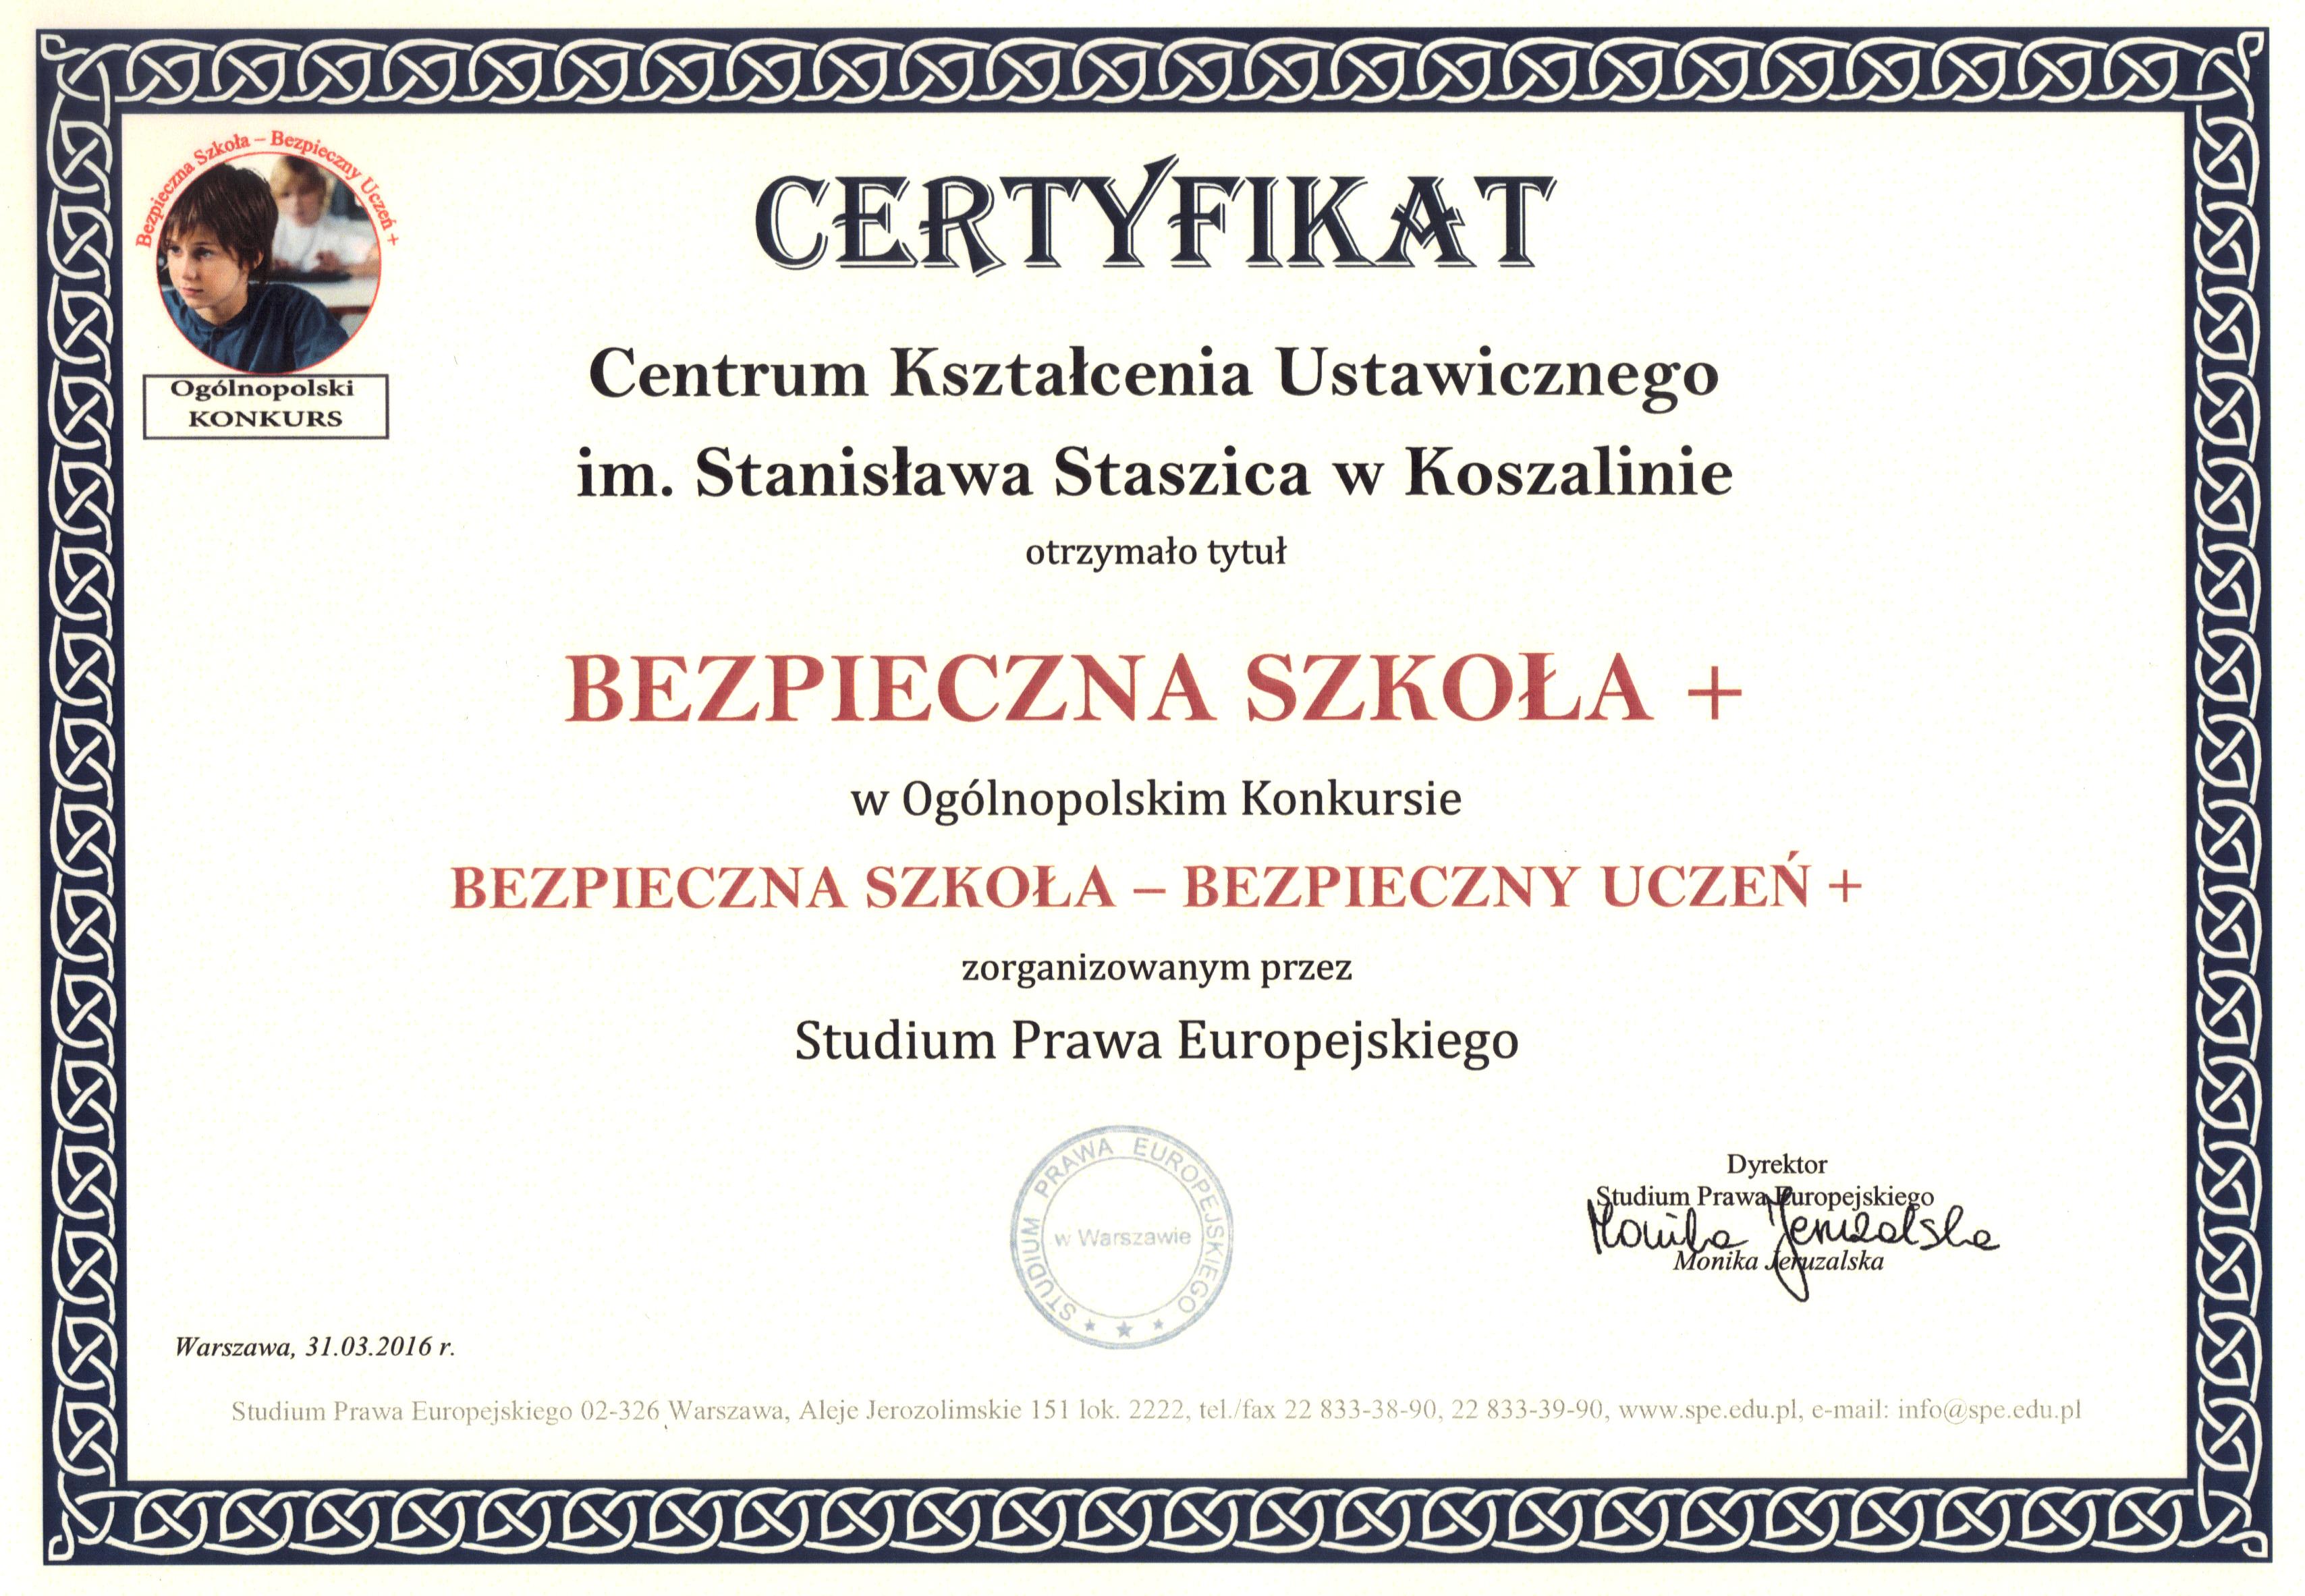 certyfikat_bezpieczna_szkola+